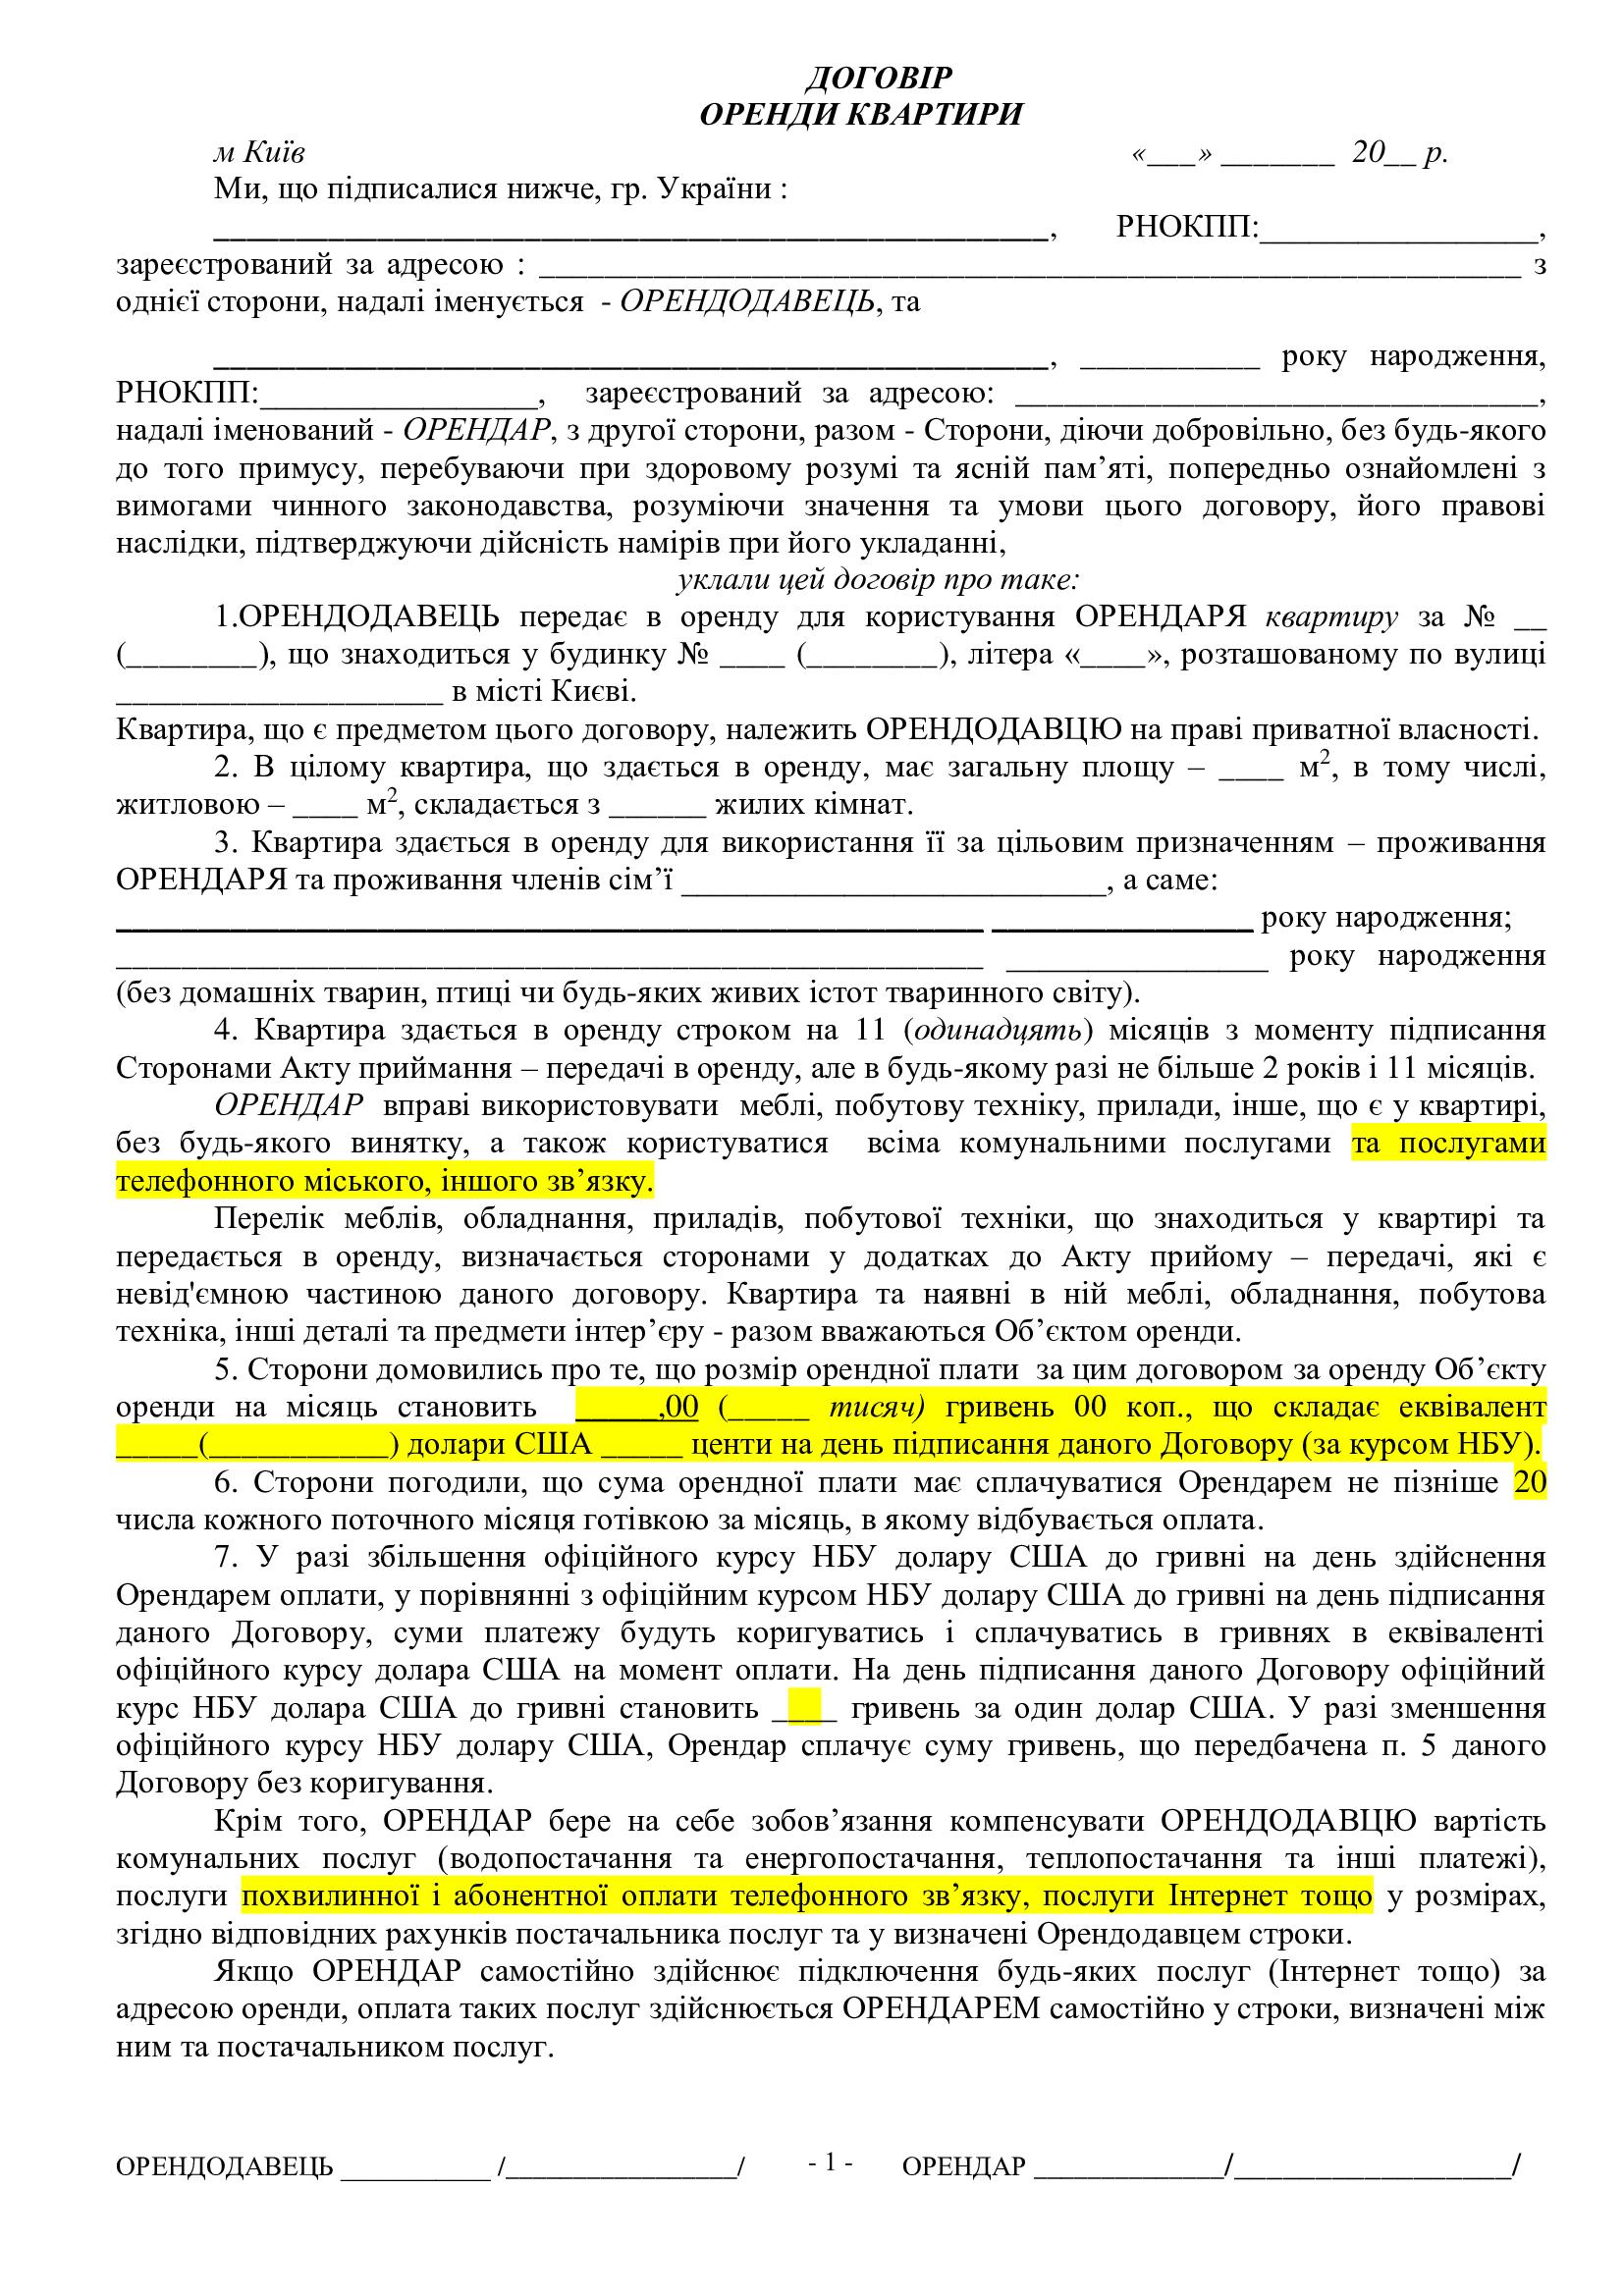 Фото Індивідуальна розробка договорів з врахуванням усіх обставин, дотриманням норм законодавства України, захист саме Ваших прав у конкретних договірних відносинах!